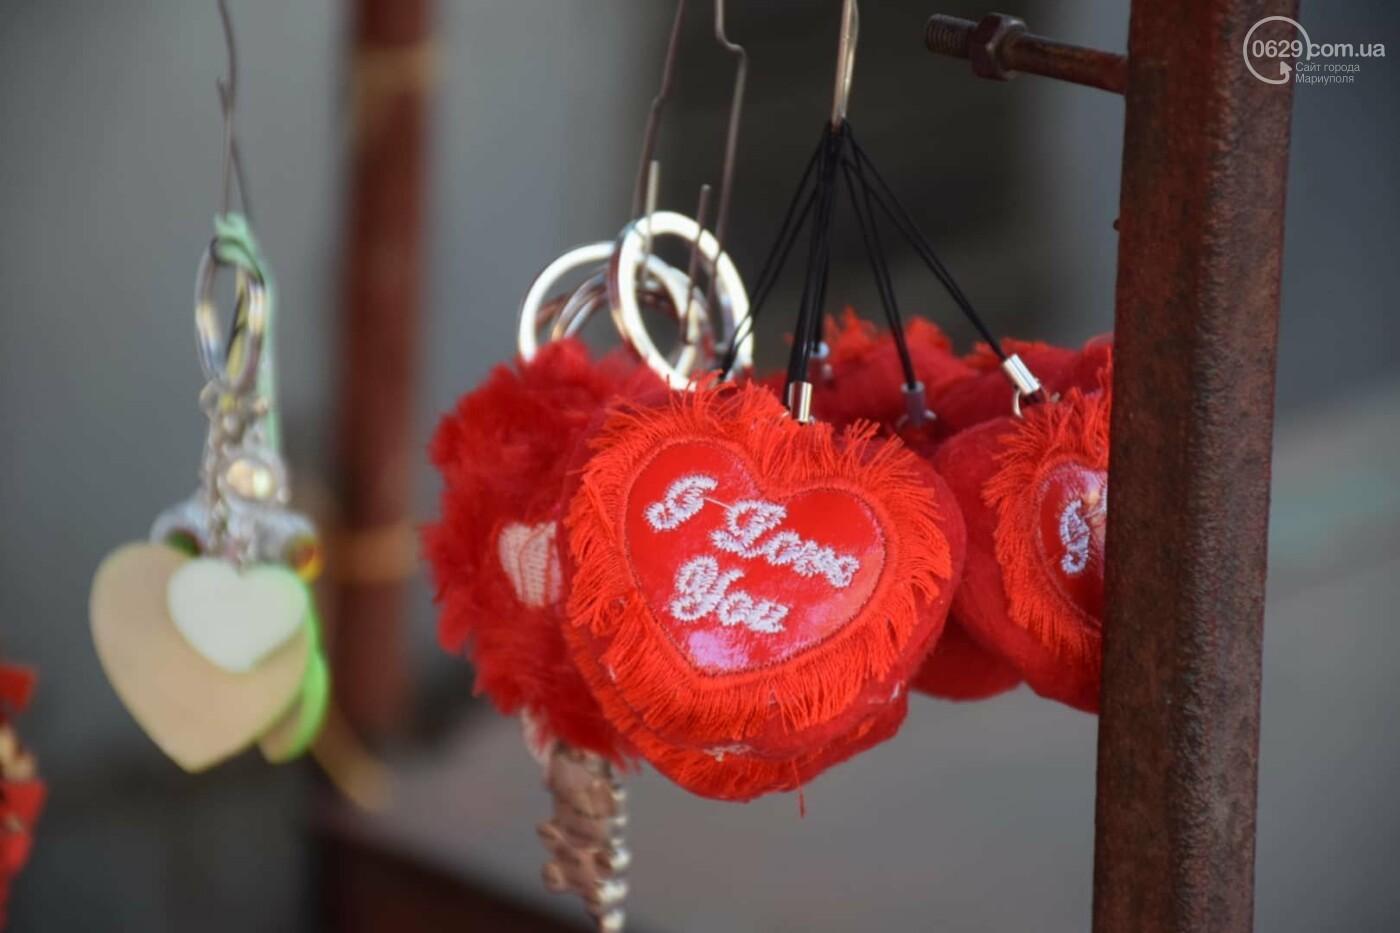 День Святого Валентина в Мариуполе: цветы, шары и мужчины-романтики, - ФОТОРЕПОРТАЖ, фото-30